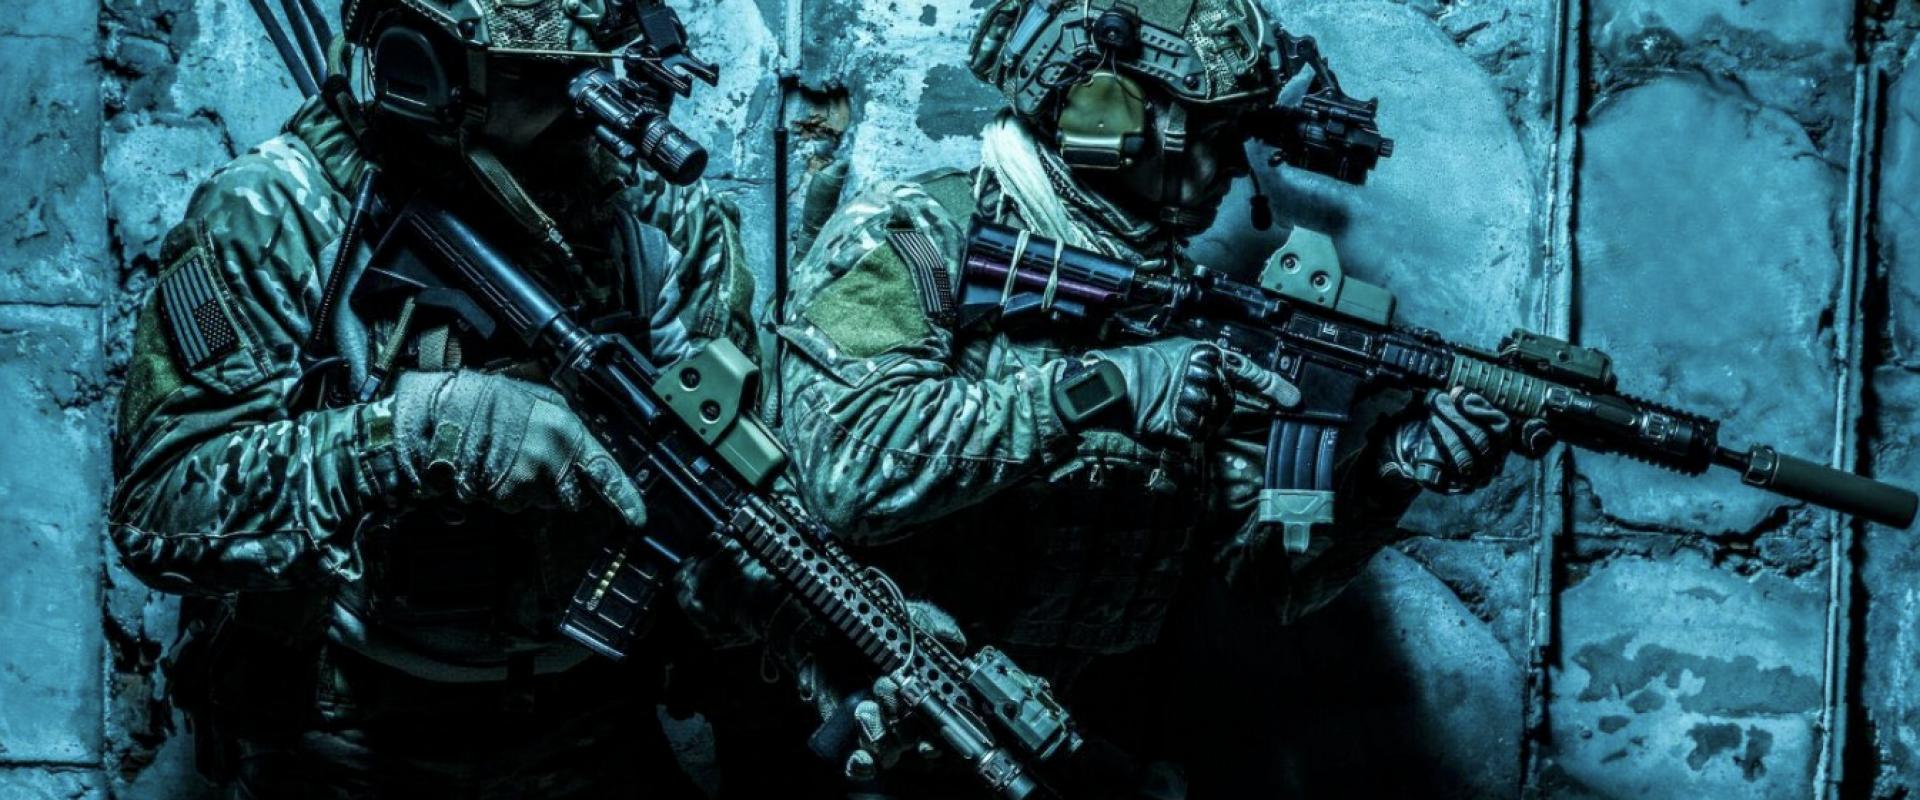 Wat kun je leren van een special forces mindset om jouw weerbaarheid te vergroten?